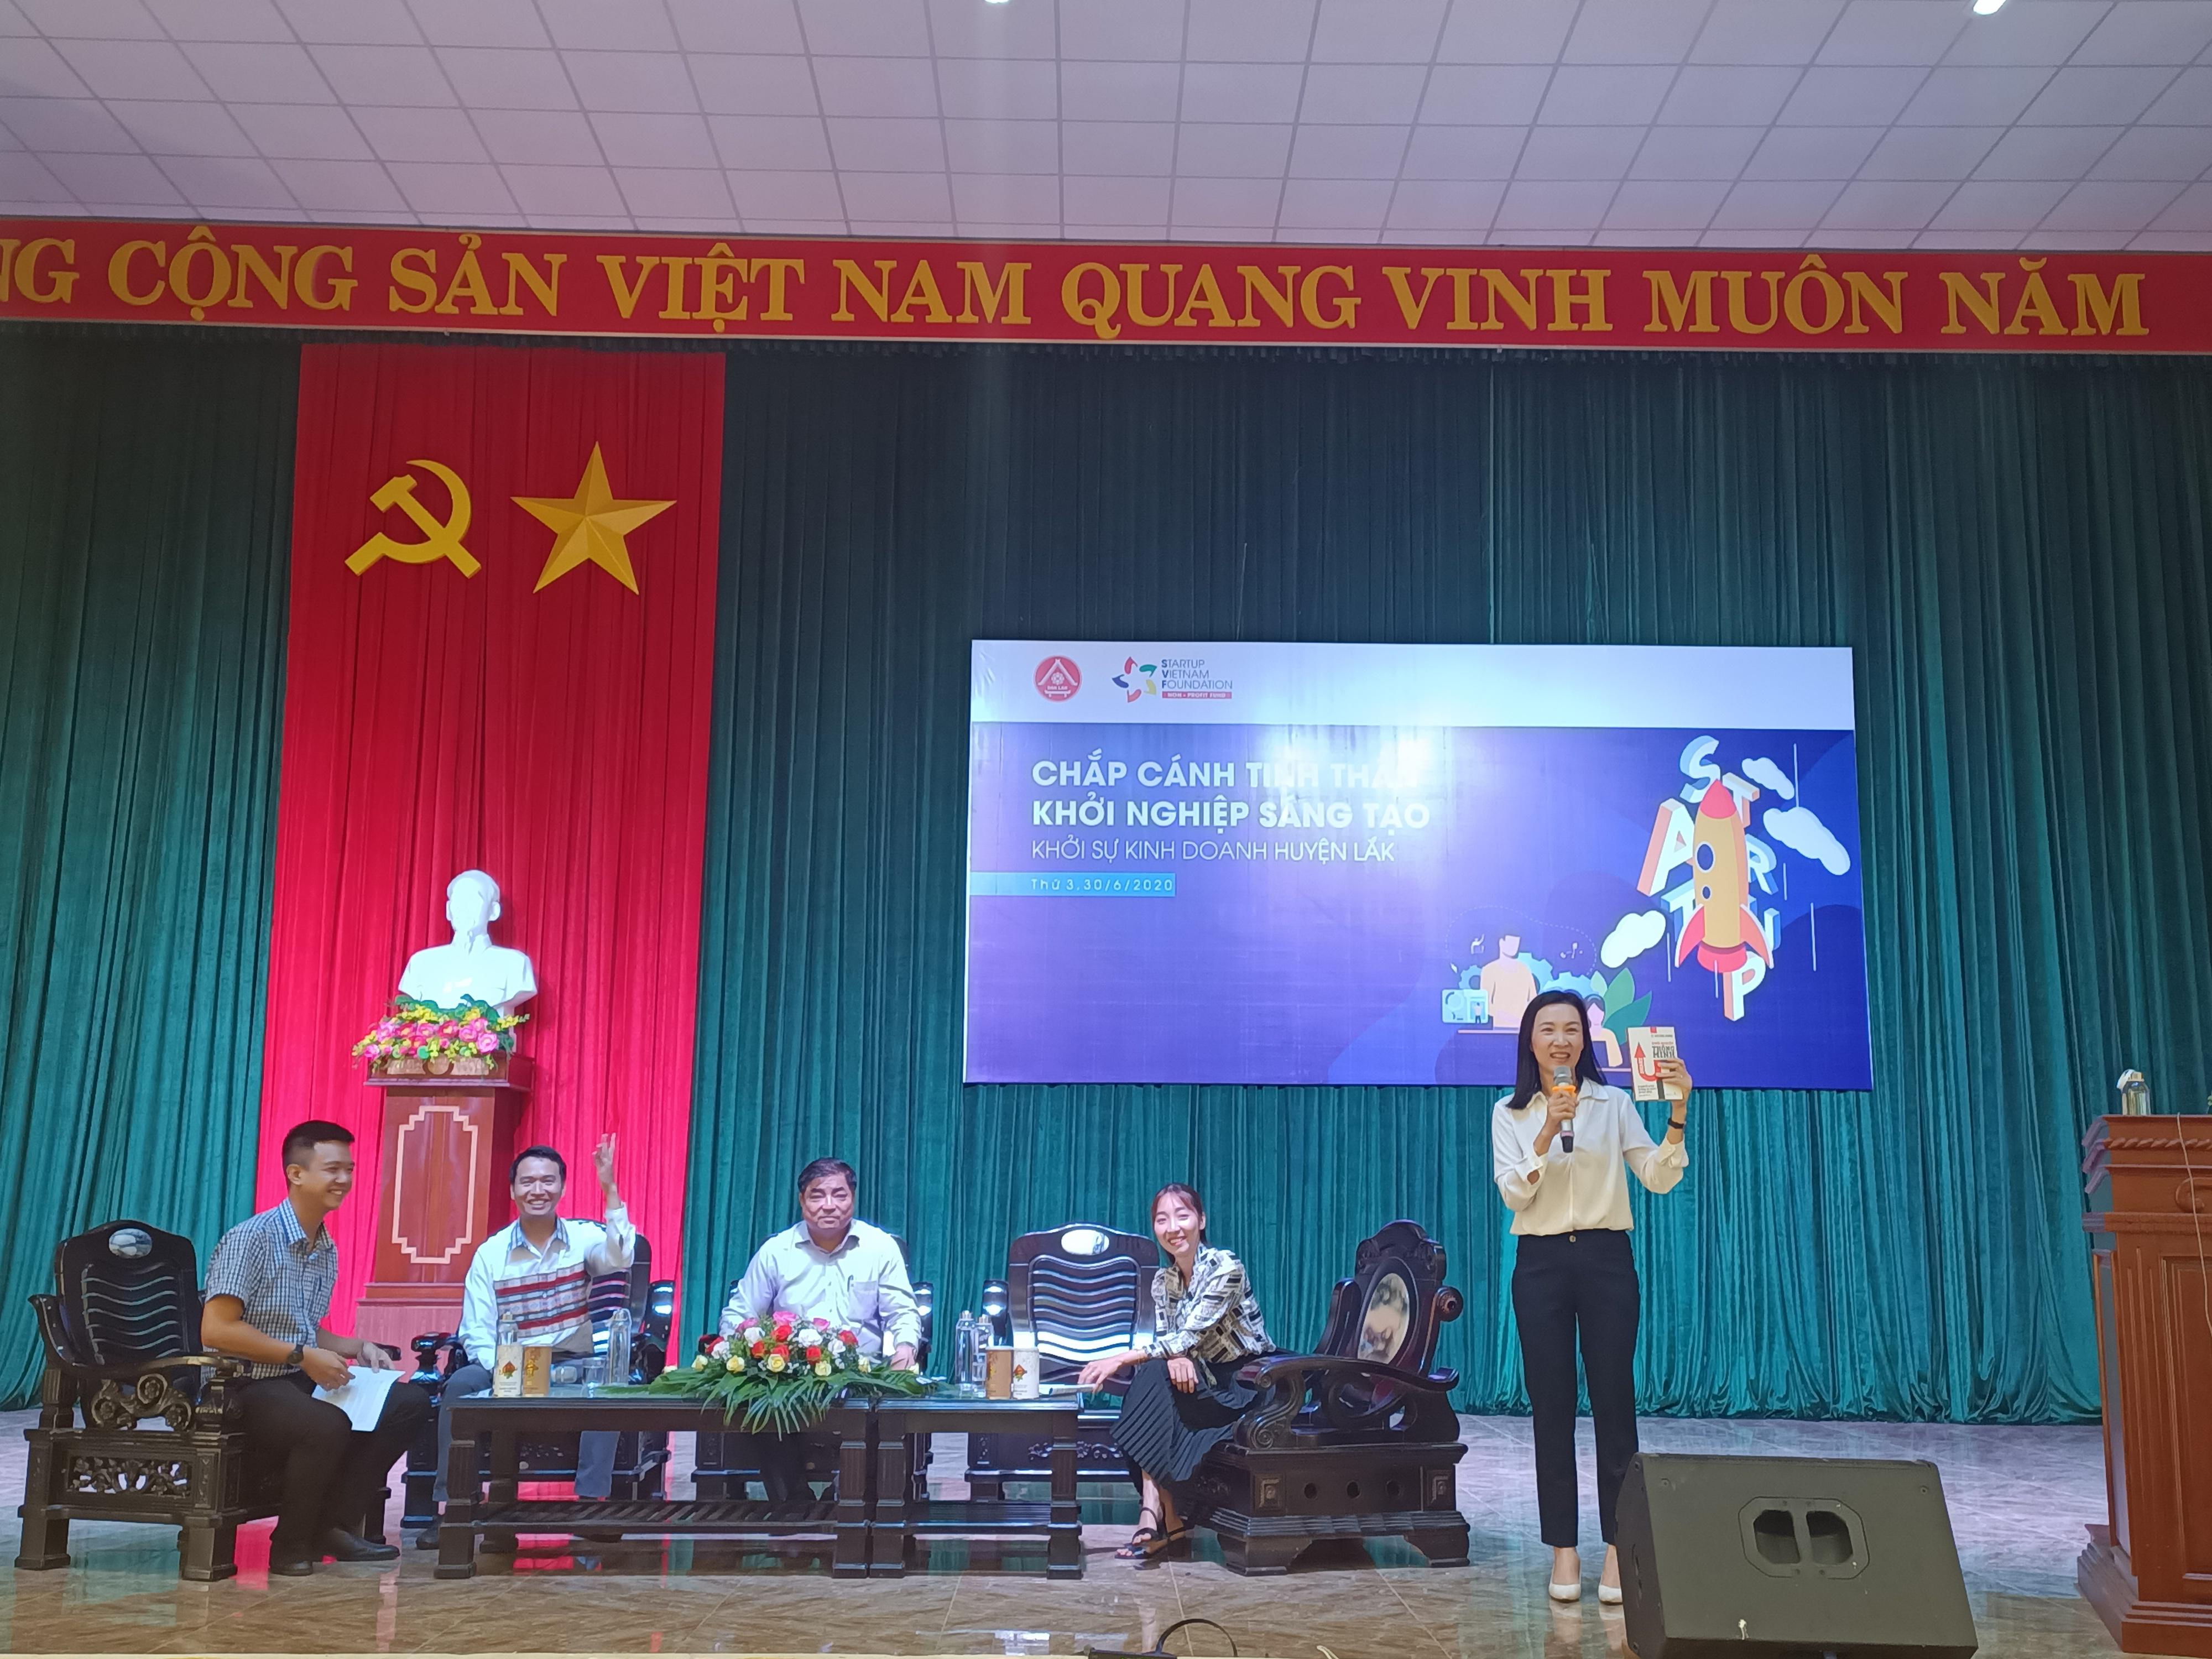 """Hội thảo """"Chắp cánh tinh thần khởi nghiệp sáng tạo"""" huyện Lắk năm 2020"""